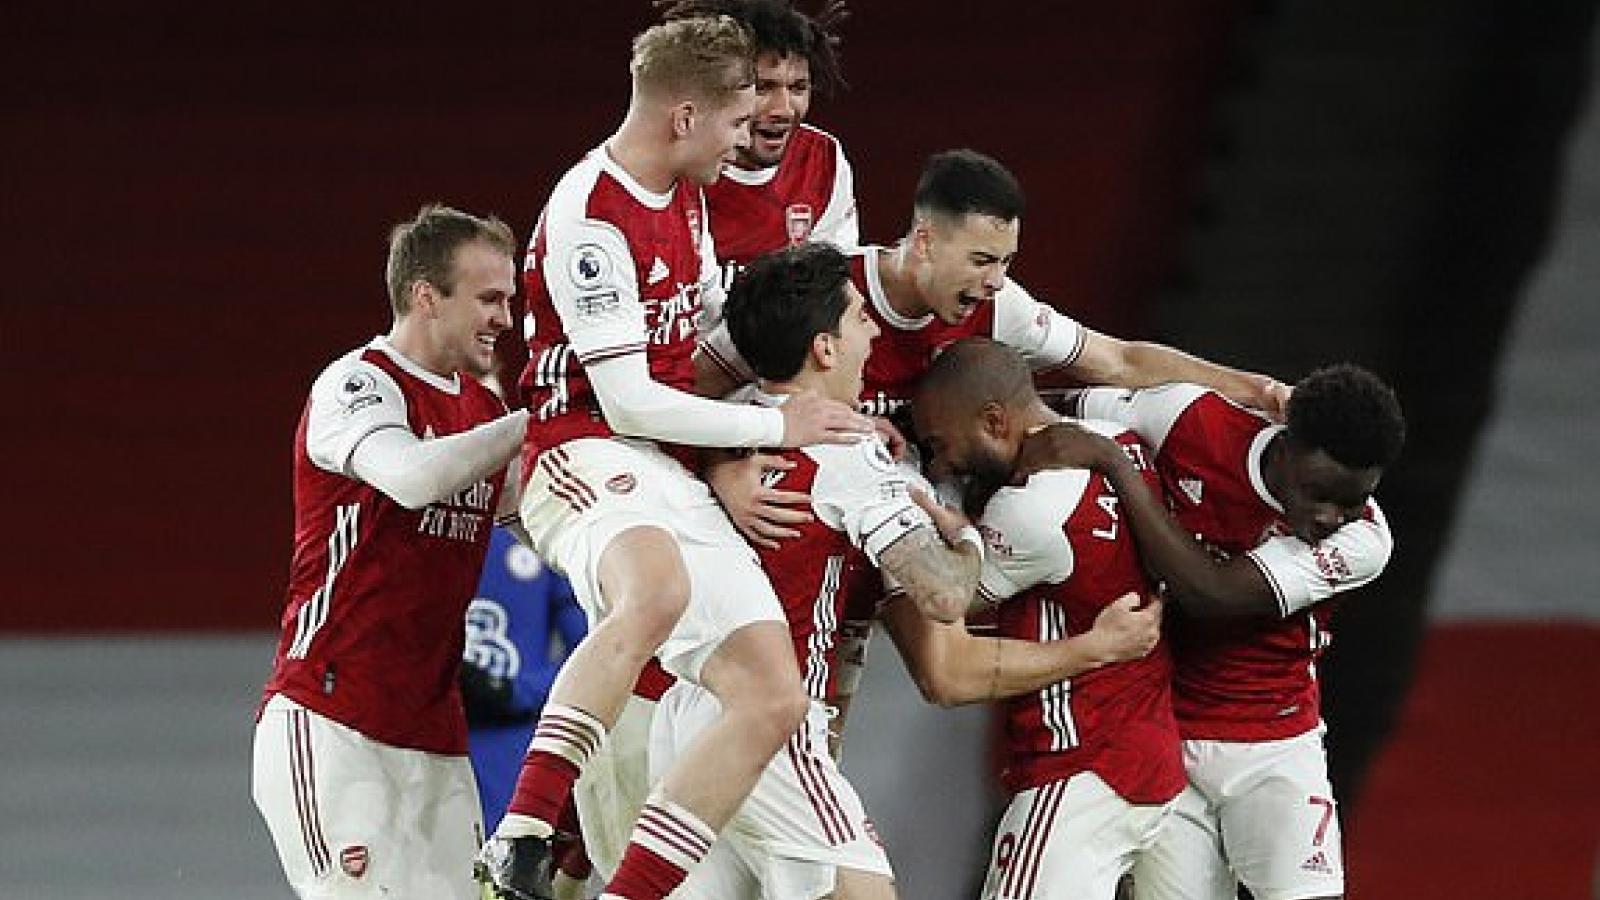 Xhaka lập siêu phẩm đá phạt, Arsenal bất ngờ đả bại Chelsea 3-1 trong ngày Lễ tặng quà